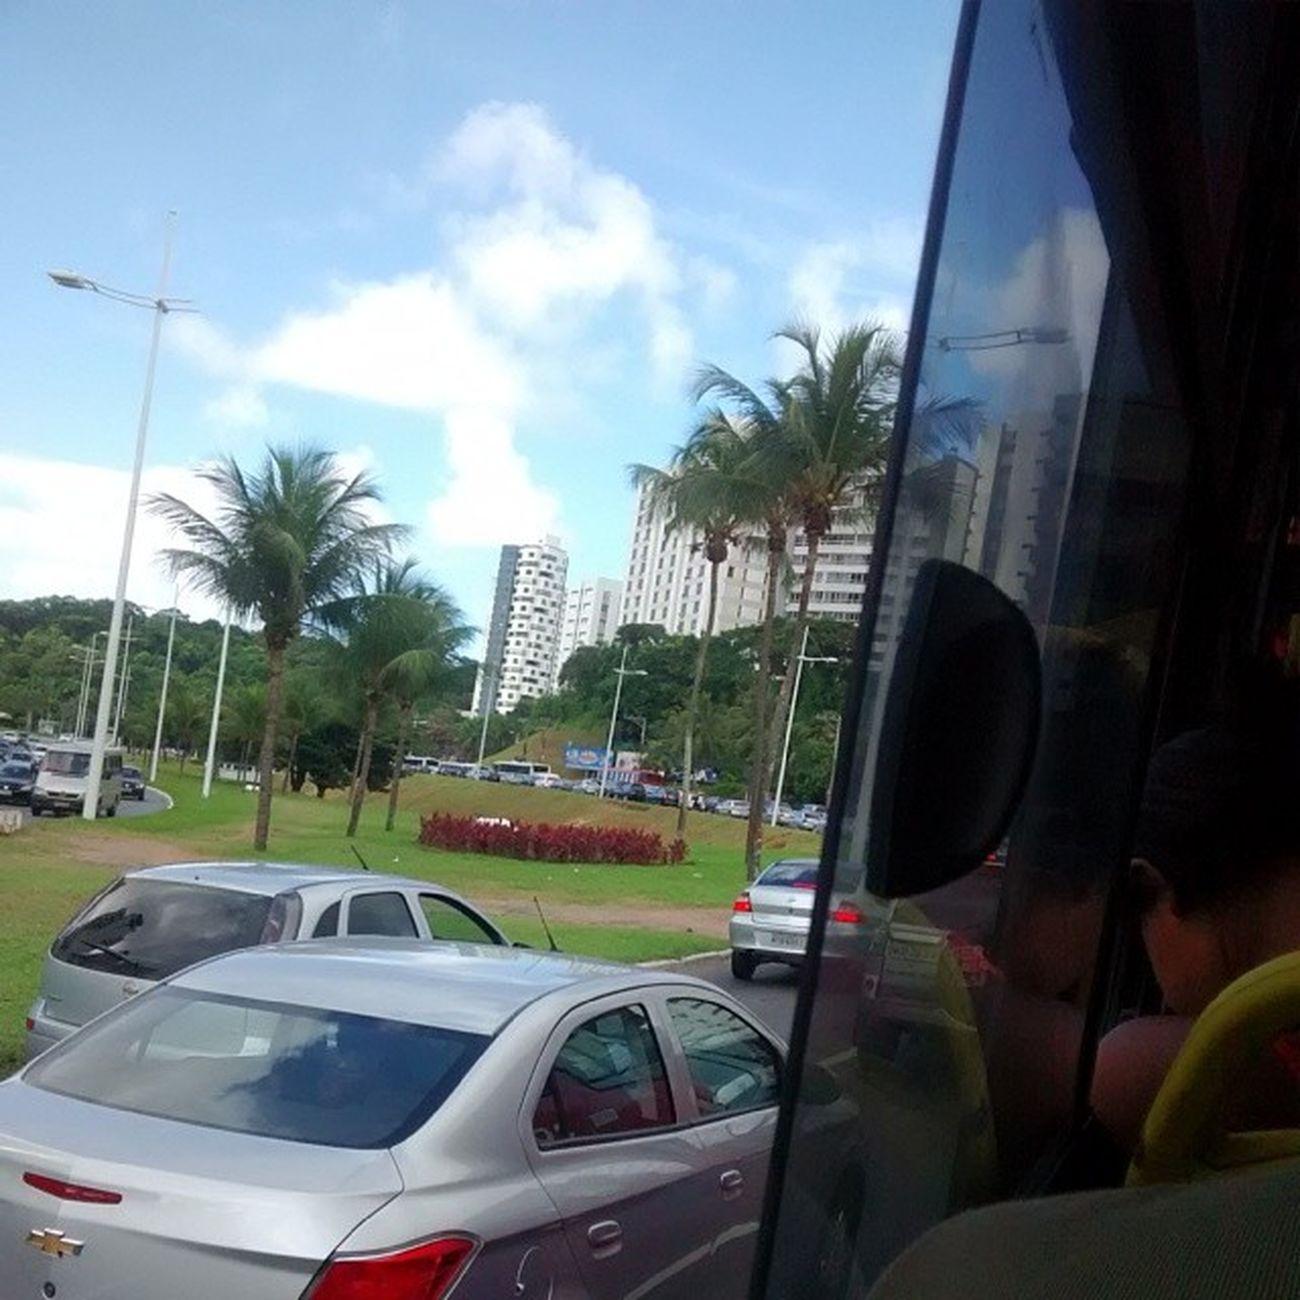 Continuando a legenda da foto anterior... E que caminho longo em Salvador haha, bora swinga que é isso mesmo !! Transitointenso Ssa